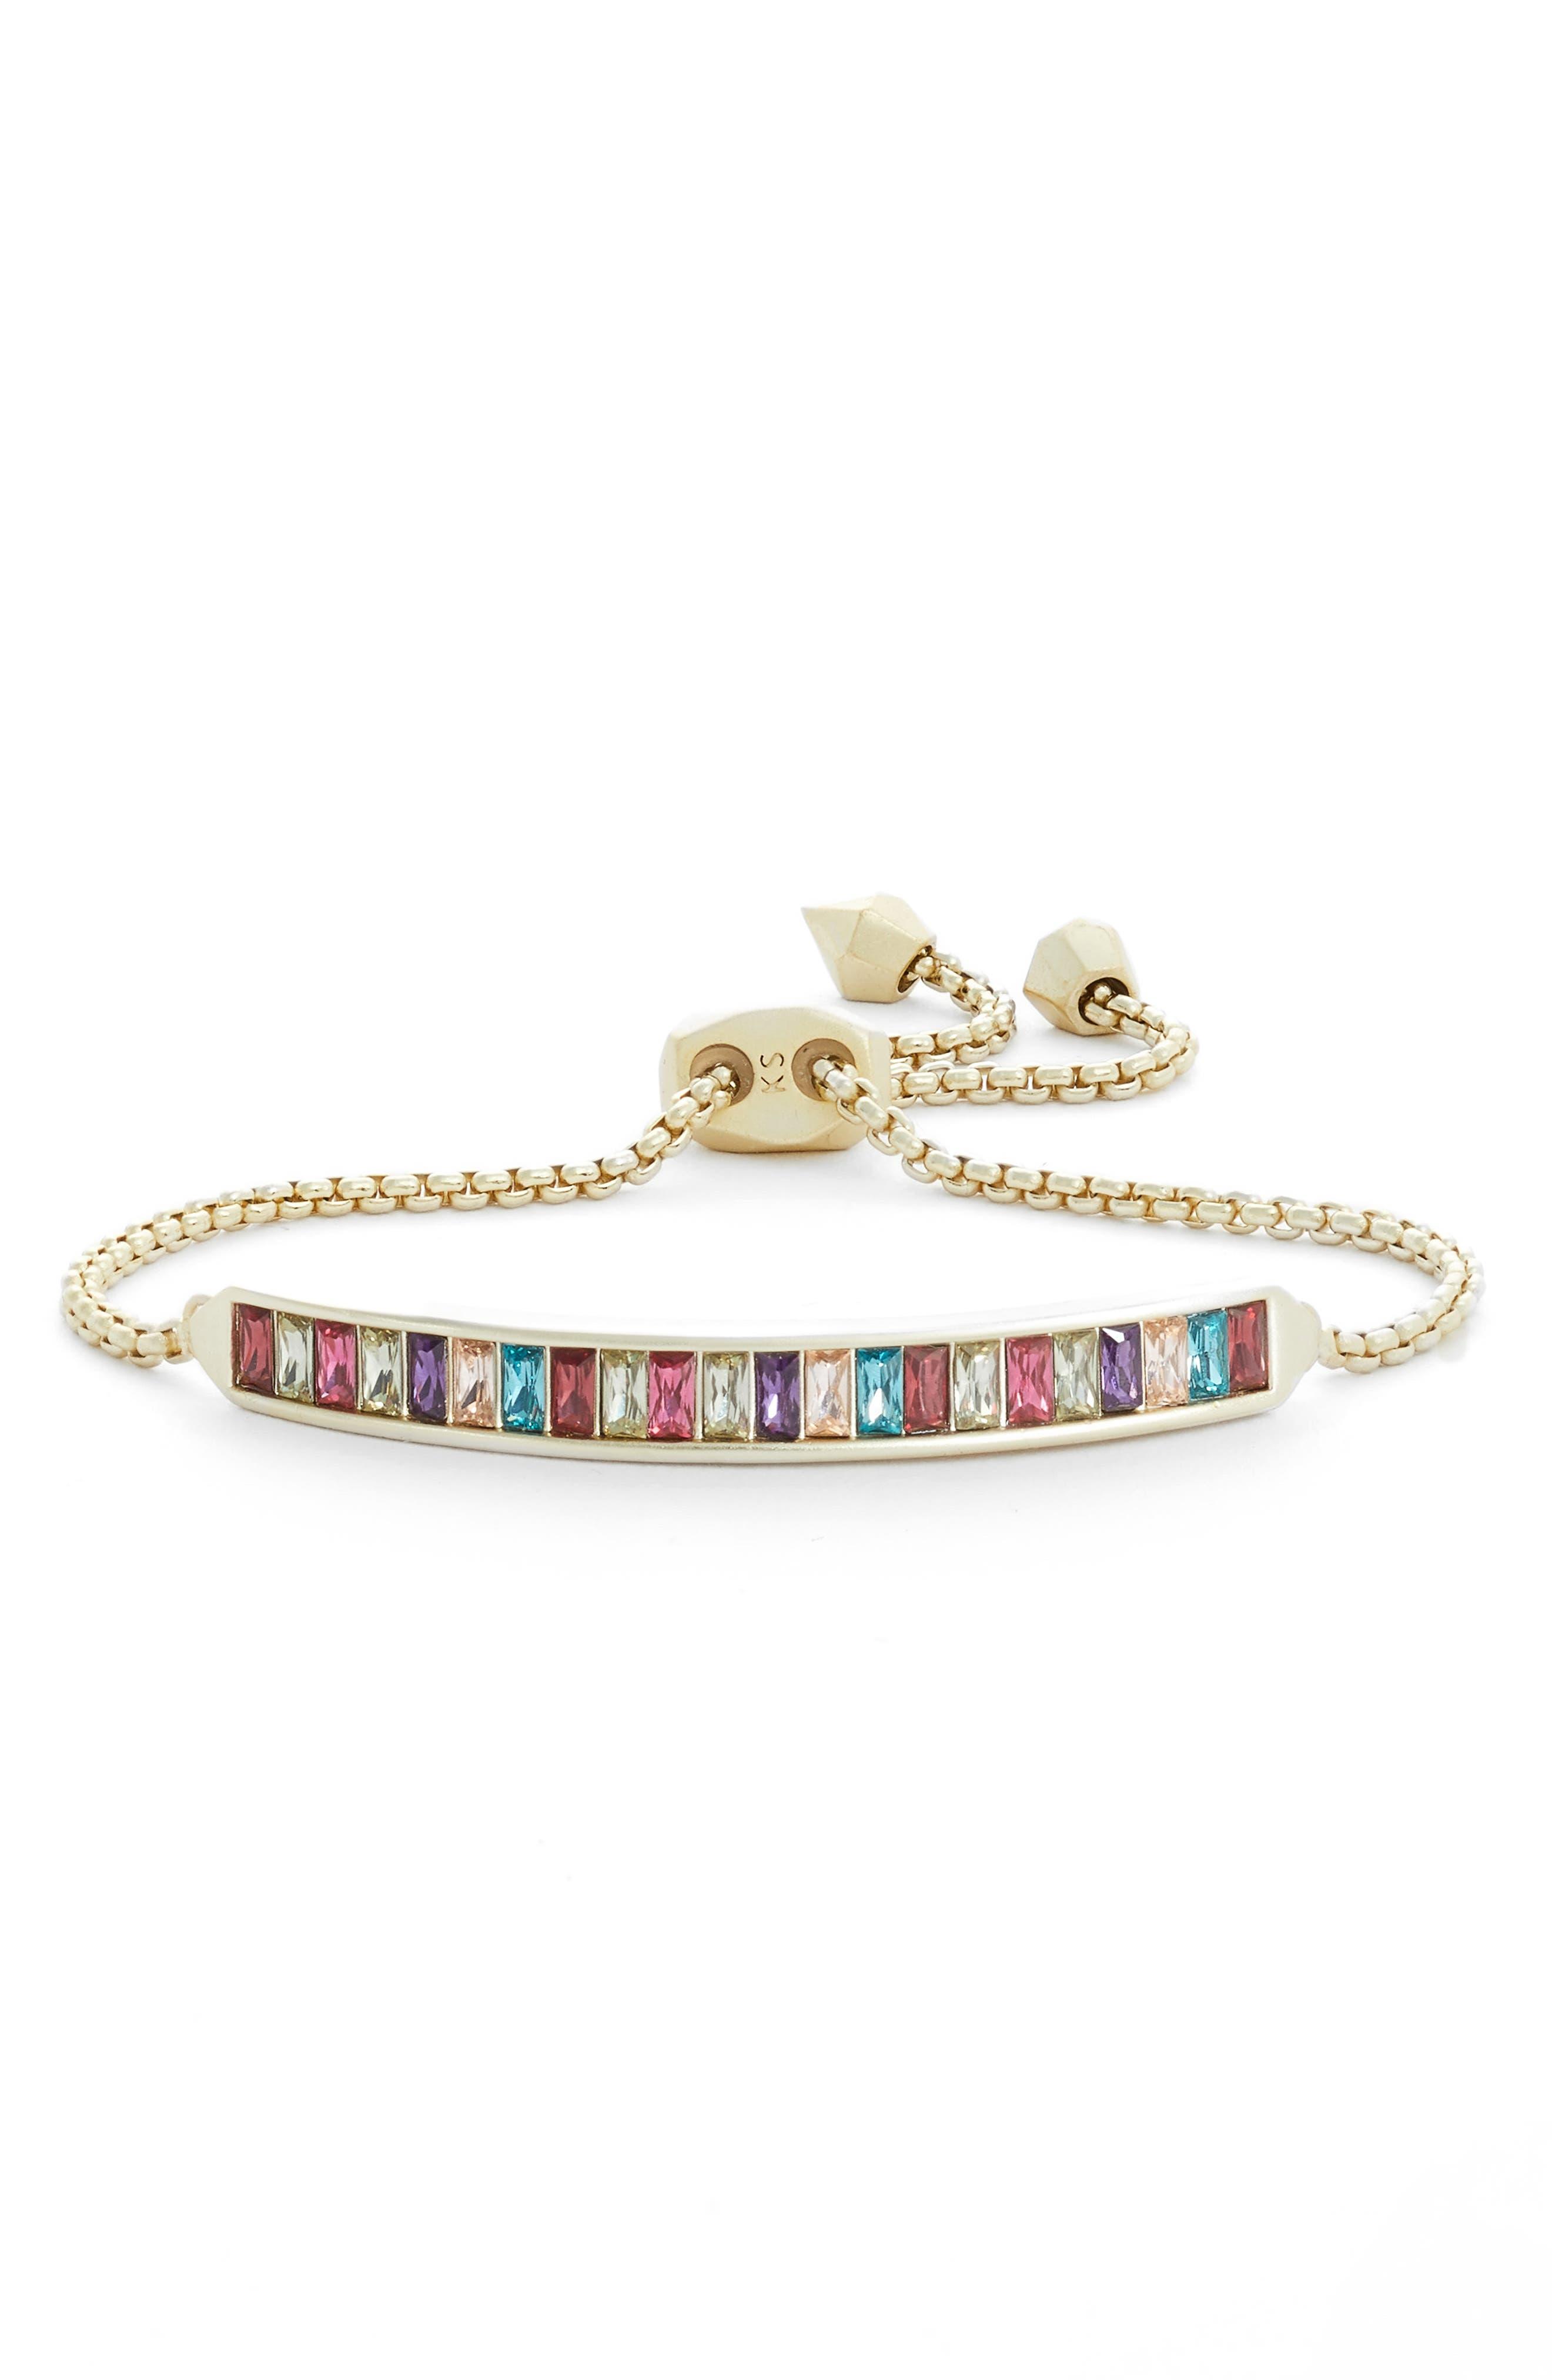 Jack Slider Bracelet,                         Main,                         color, JEWEL MIX/ GOLD